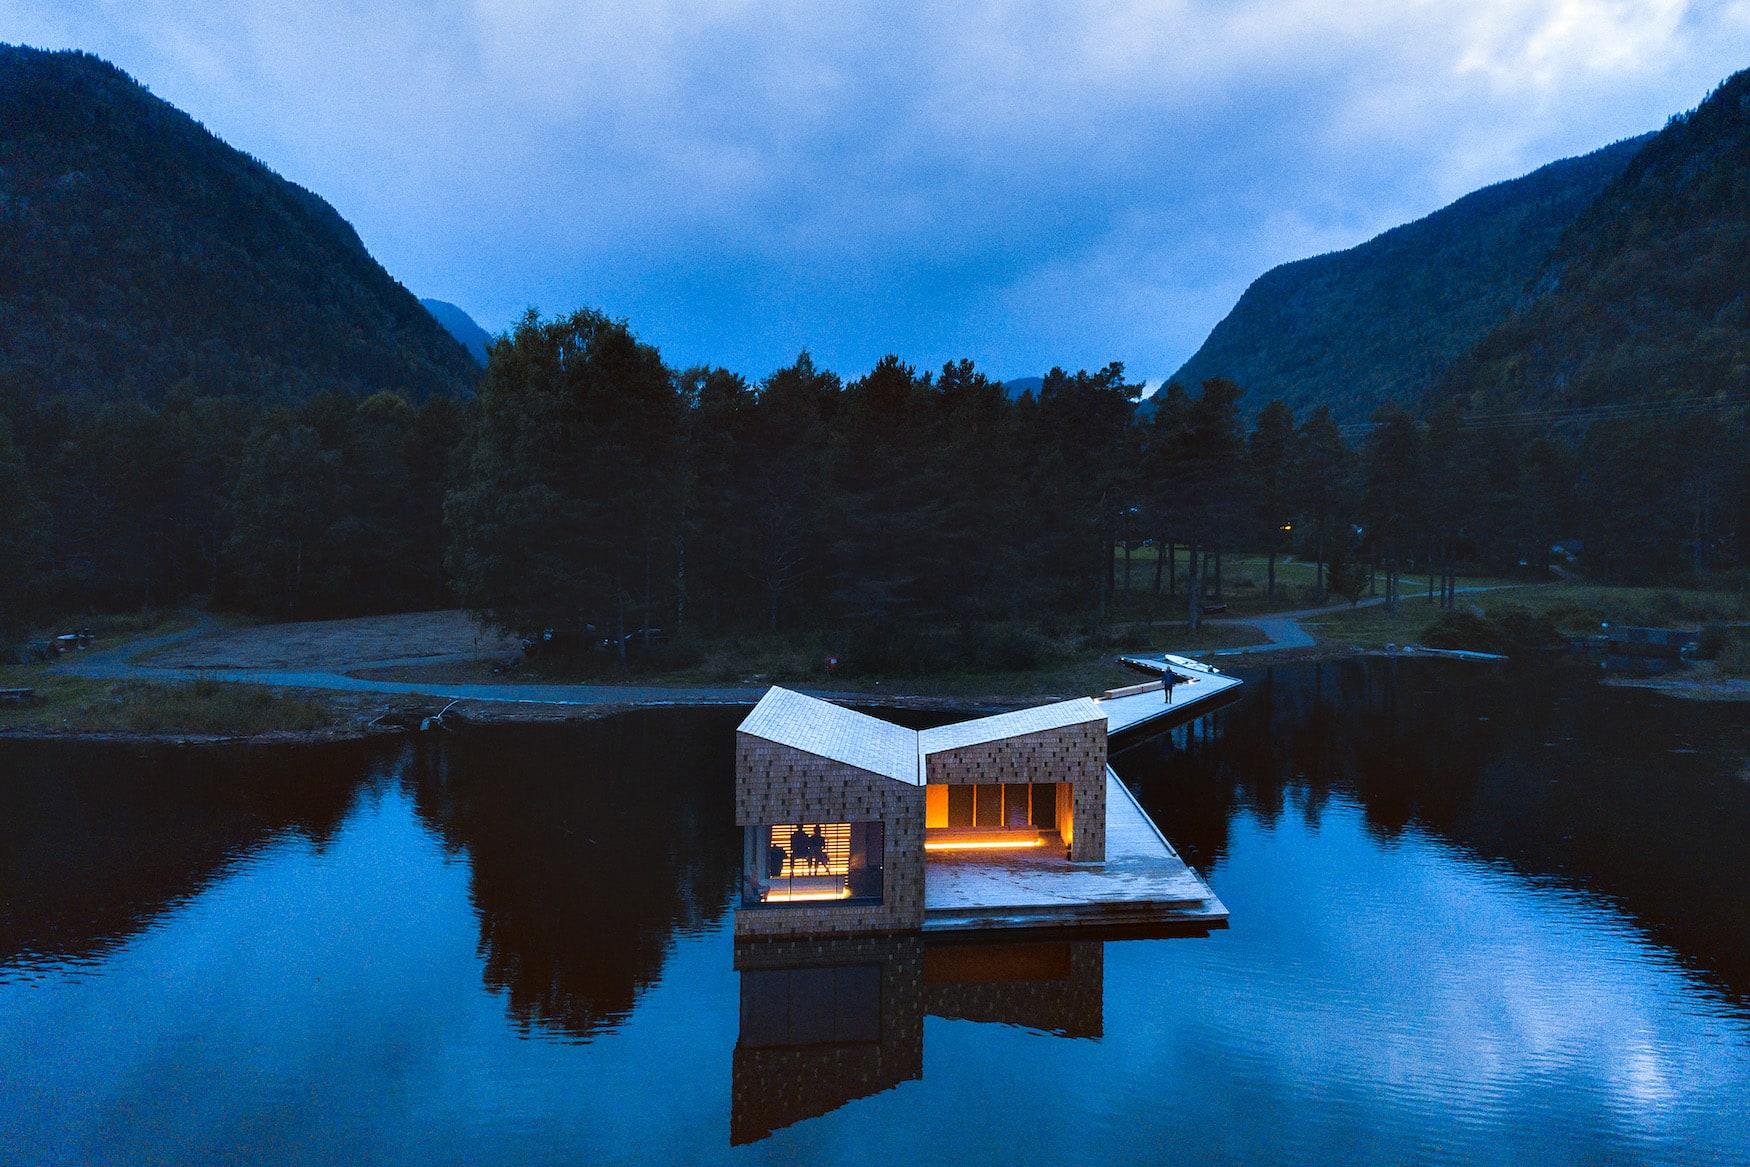 Sauna in Norwegen: Die Soria Moria Sauna in Telemark ist Teil einer Kunst-Installation und leuchtet bei Nacht